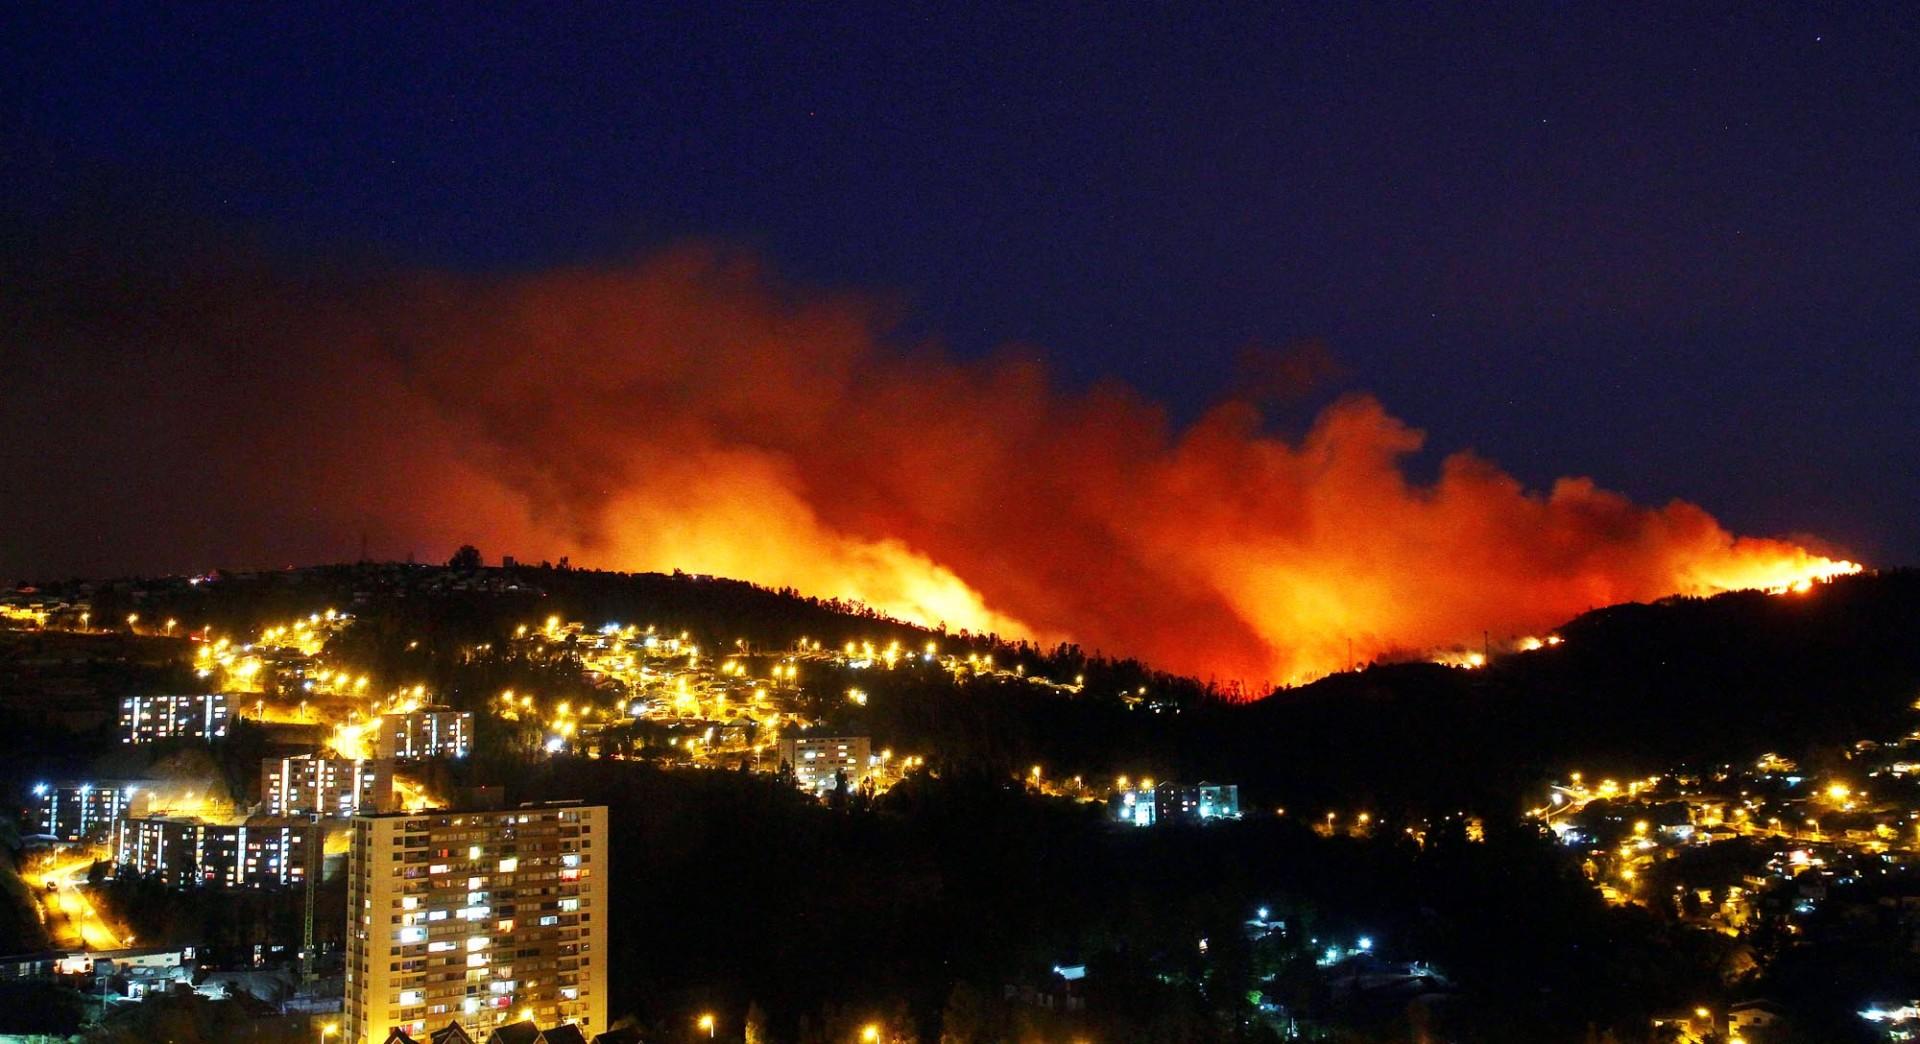 incendio hd 14marzo (6)